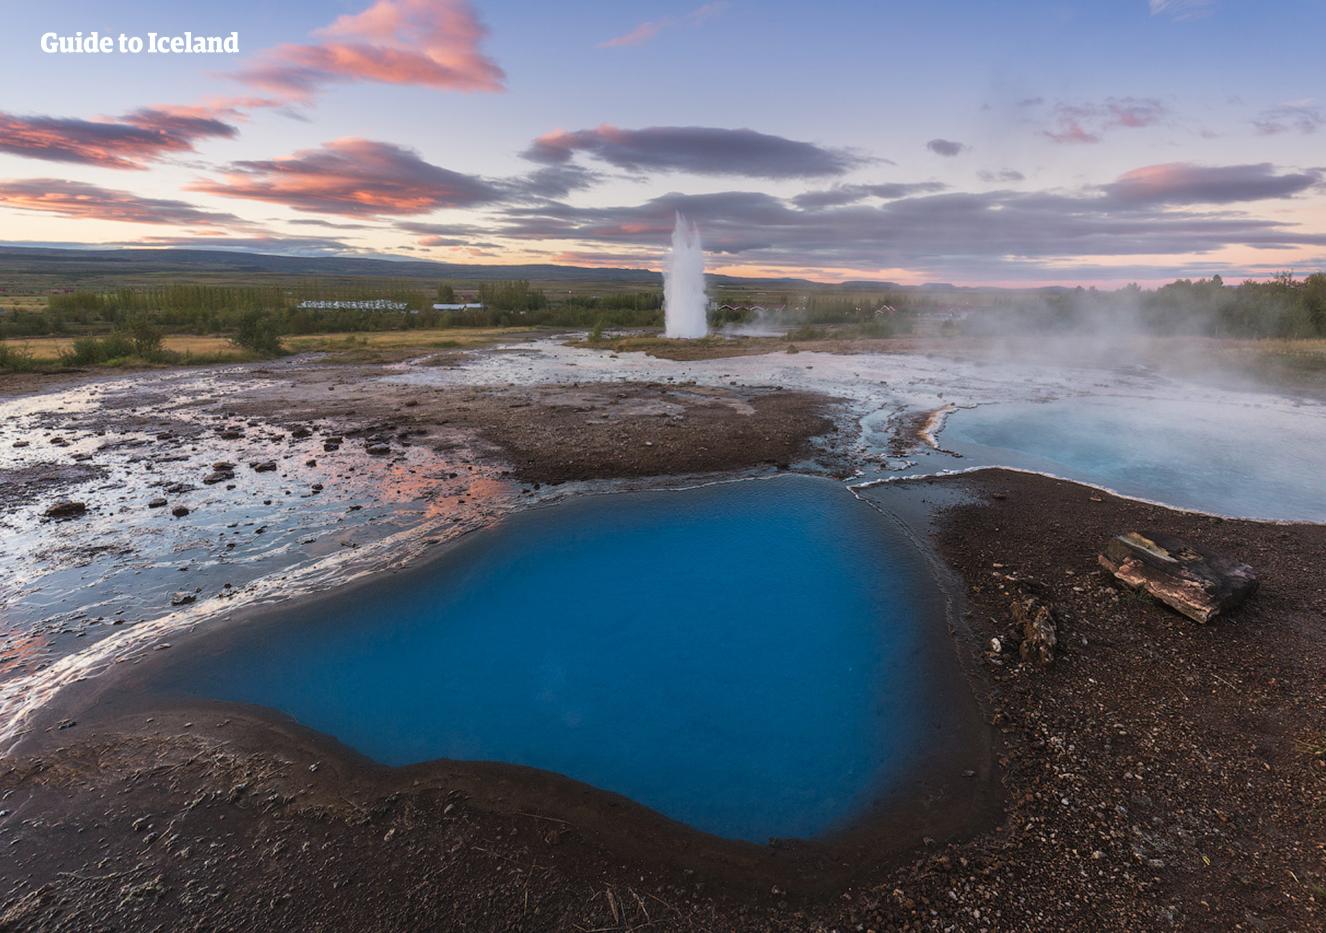 冰岛黄金圈的间歇泉气势恢宏